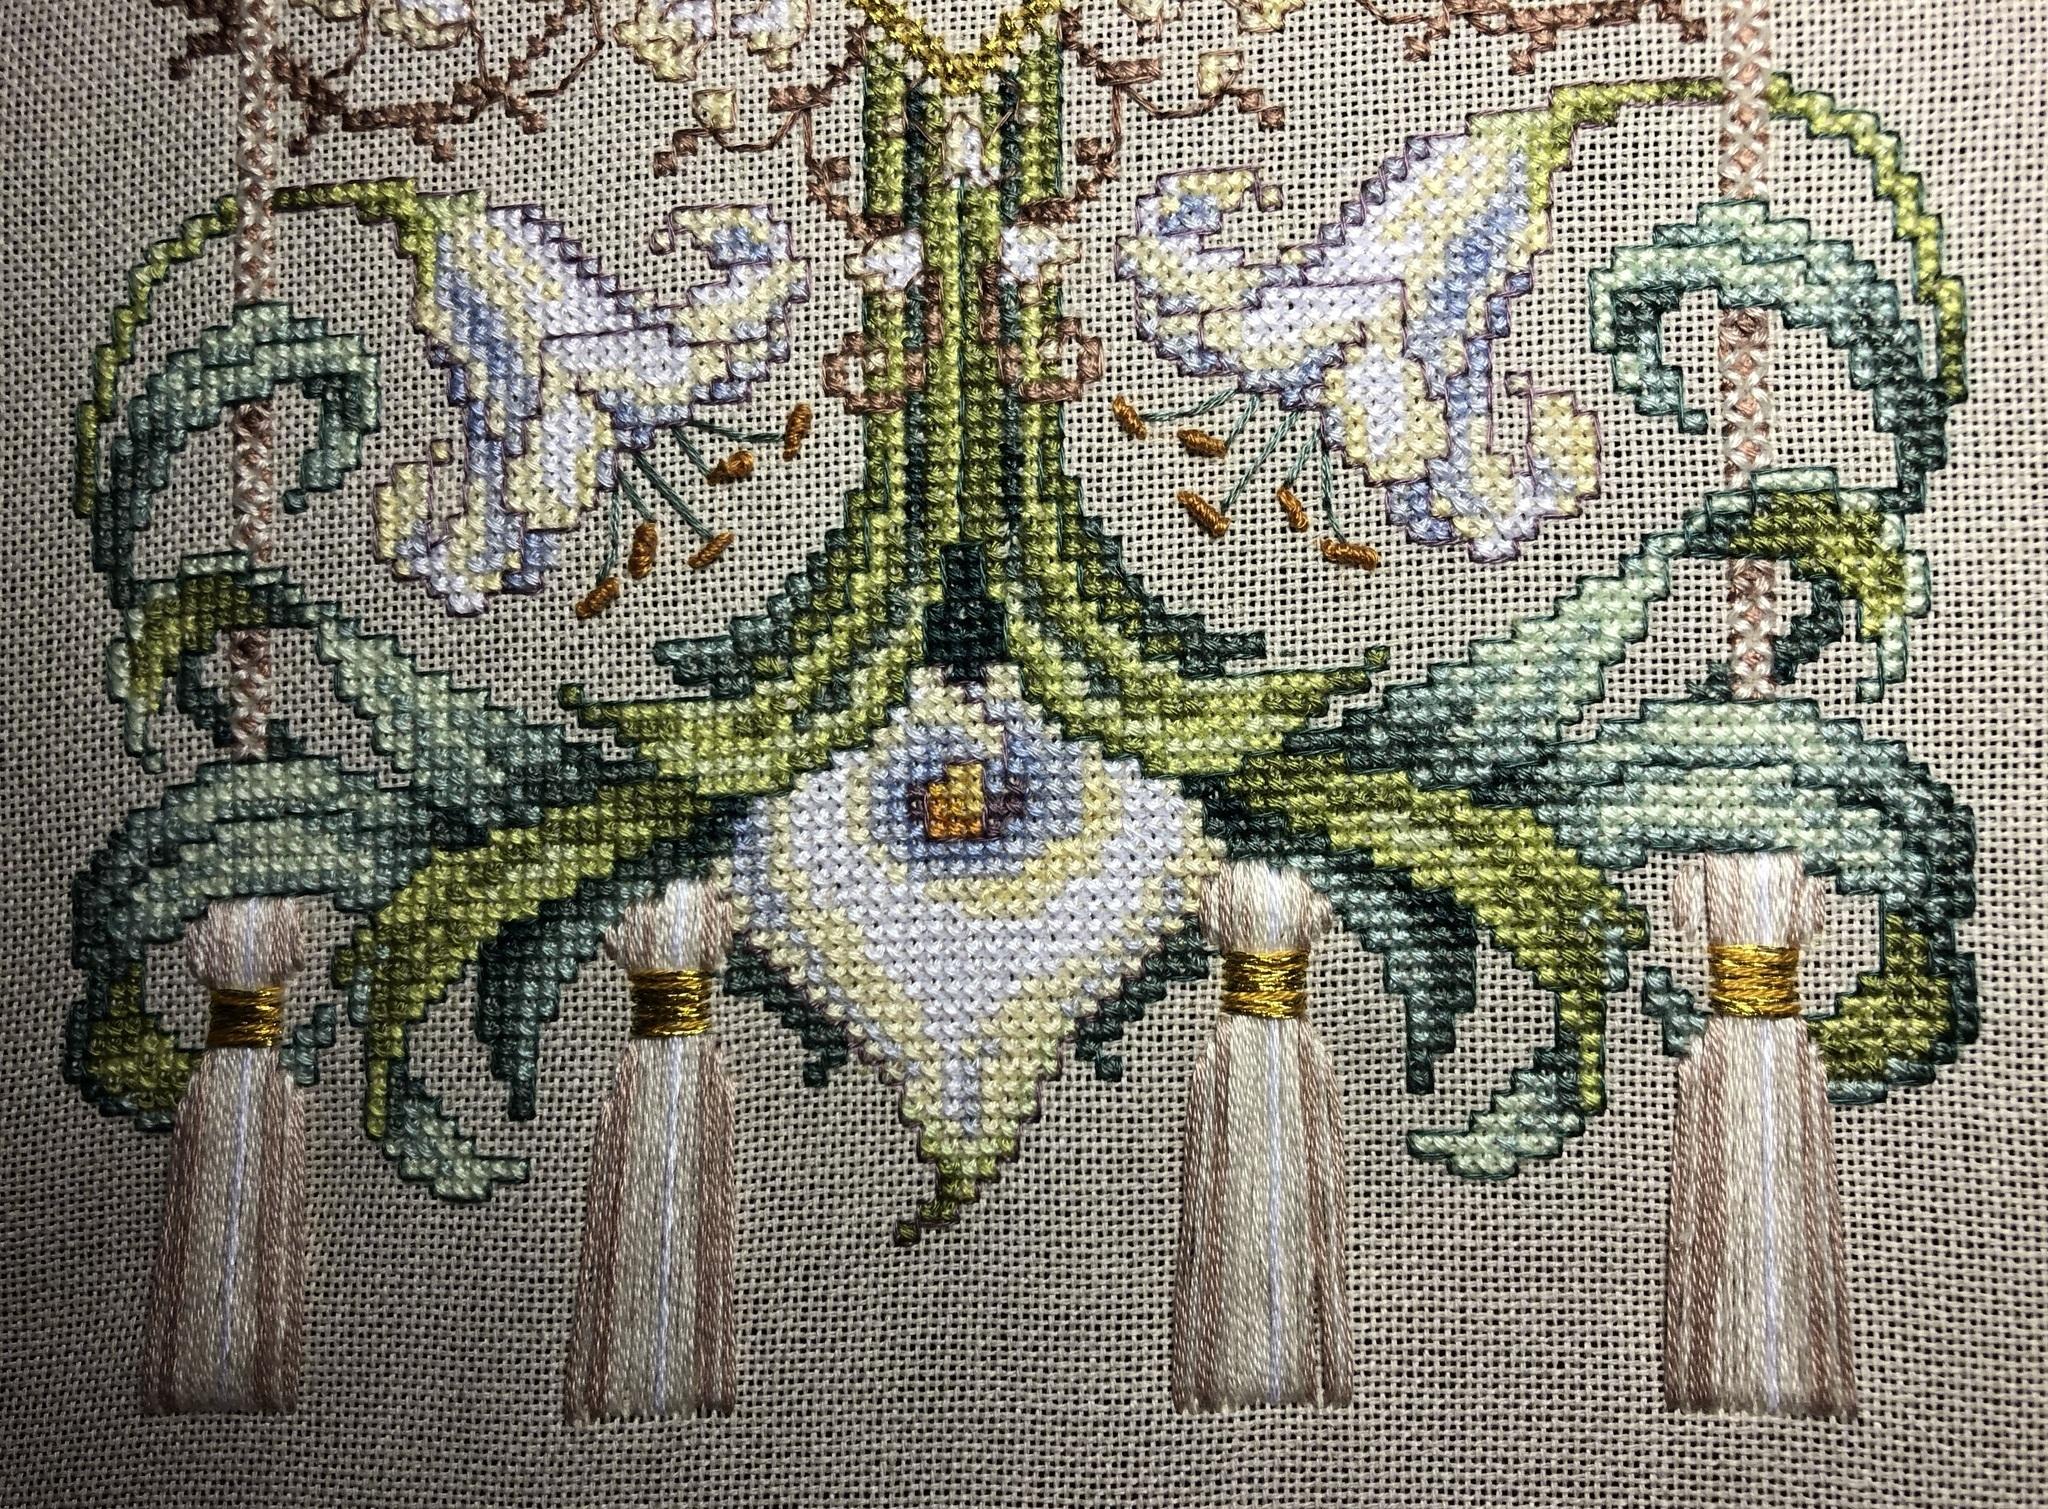 Набор для вышивания Восхитительная лилия. Exquisite Lily Sampler. Арт. 35064